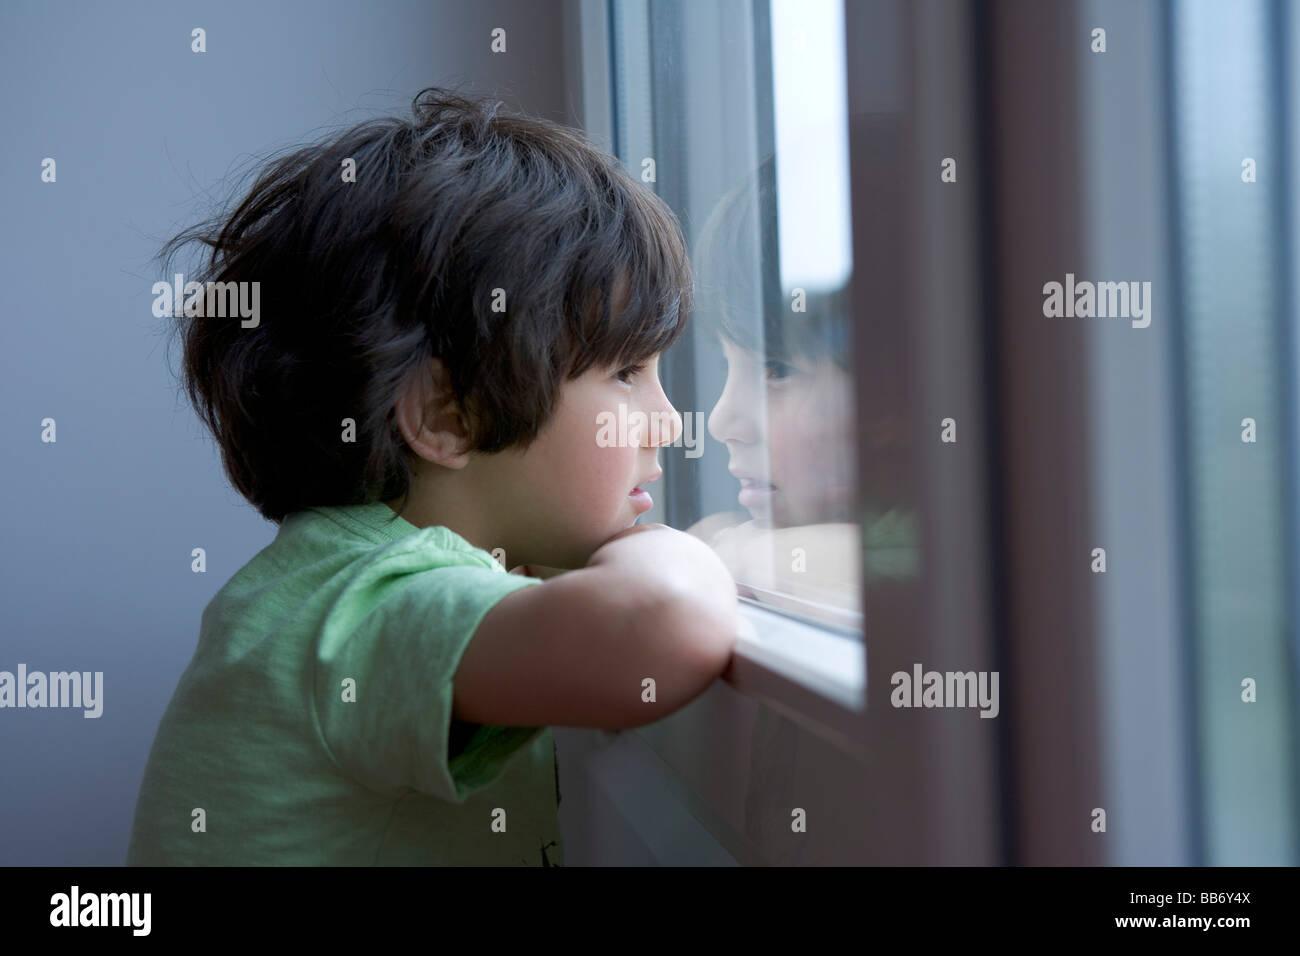 Lonely Chico mirando por la ventana Imagen De Stock